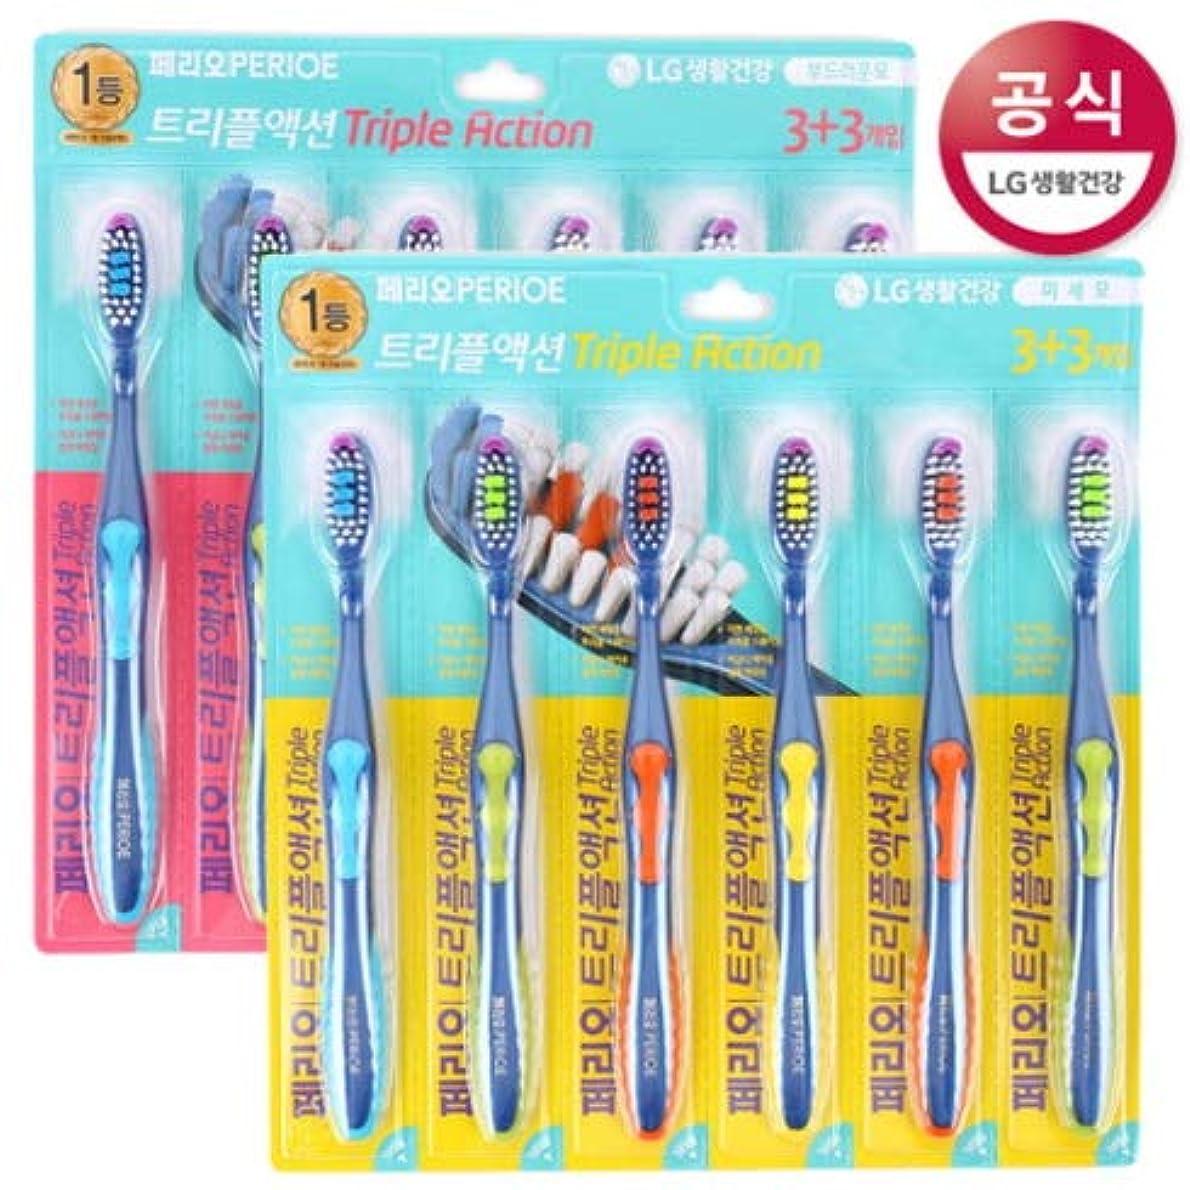 トライアスリート思春期冷凍庫[LG HnB] Perio Triple Action Toothbrush/ペリオトリプルアクション歯ブラシ 6口x2個(海外直送品)